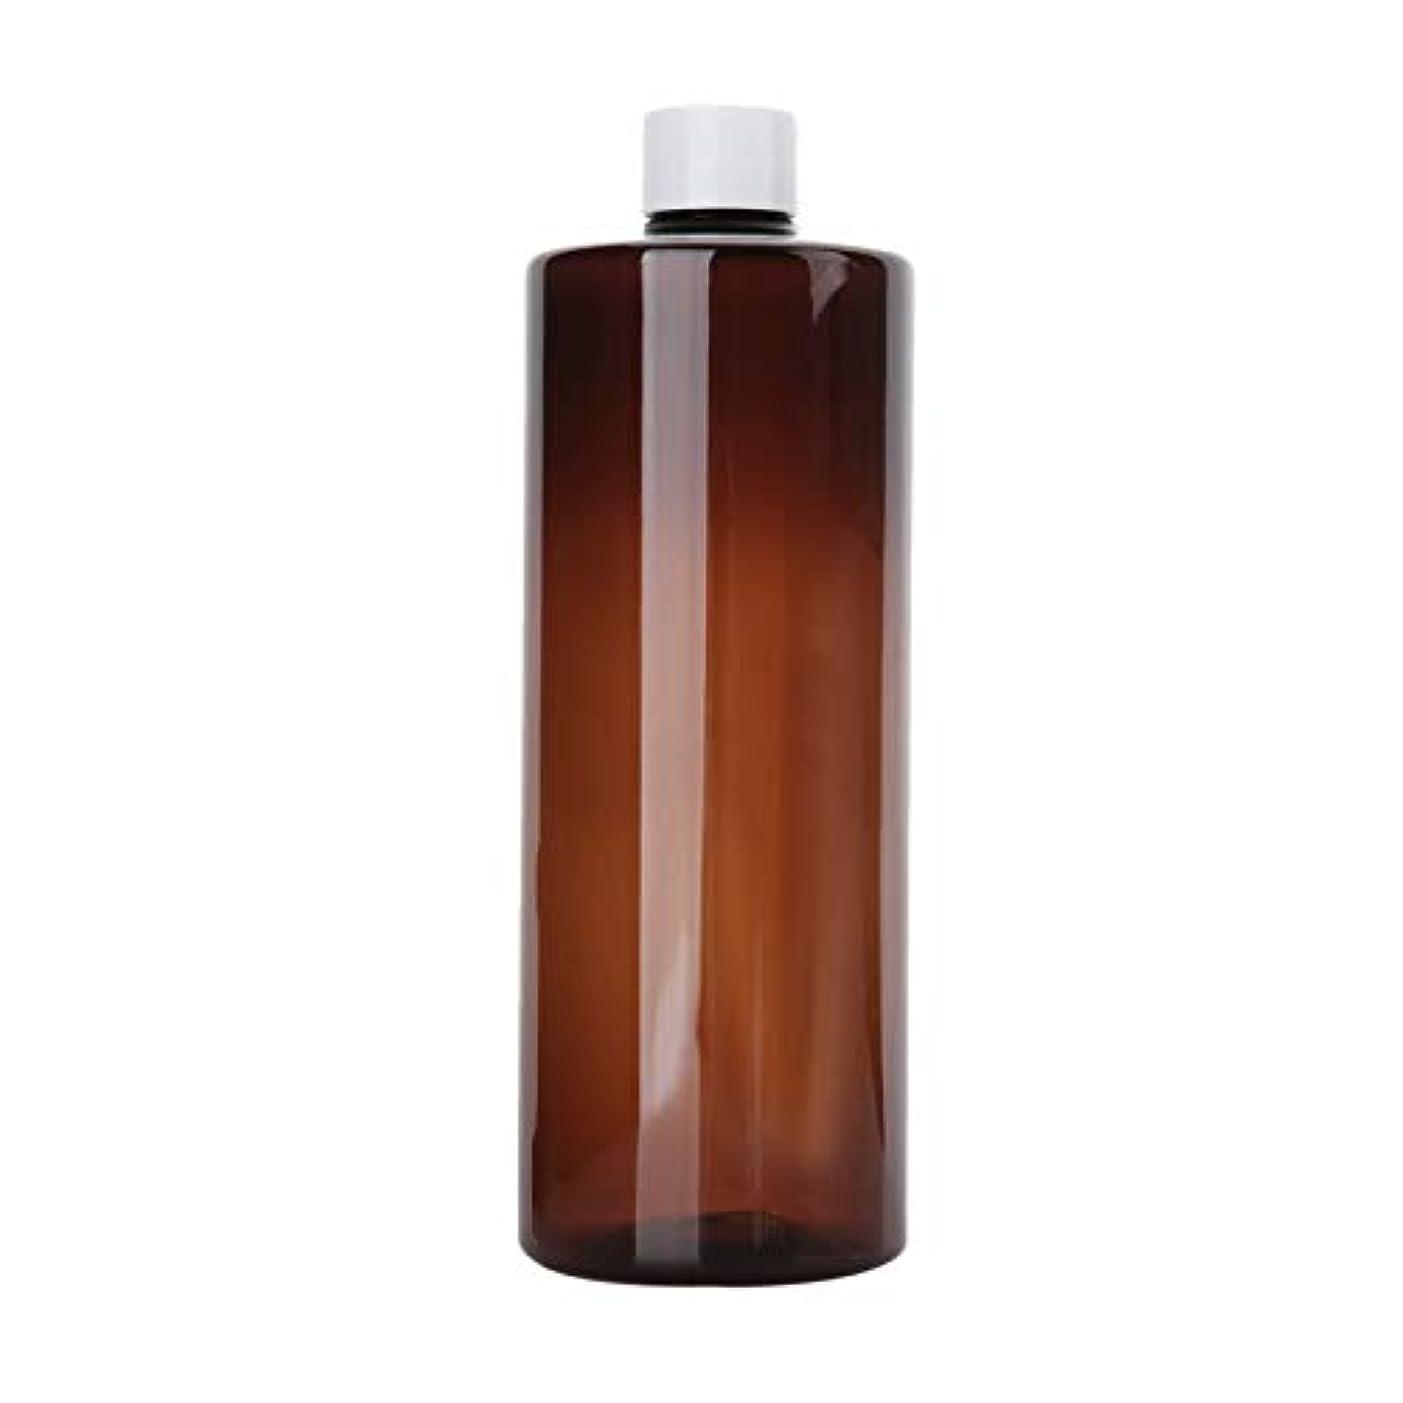 冷凍庫擬人カルシウム1本 化粧品用 詰め替えボトル 詰め替え容器 大容量 500ml 中栓付き 使いやすい 化粧水用 シャンプー クリーム 貯蔵用 携帯用 空容器 おしゃれ 白ヘッド ブラウン